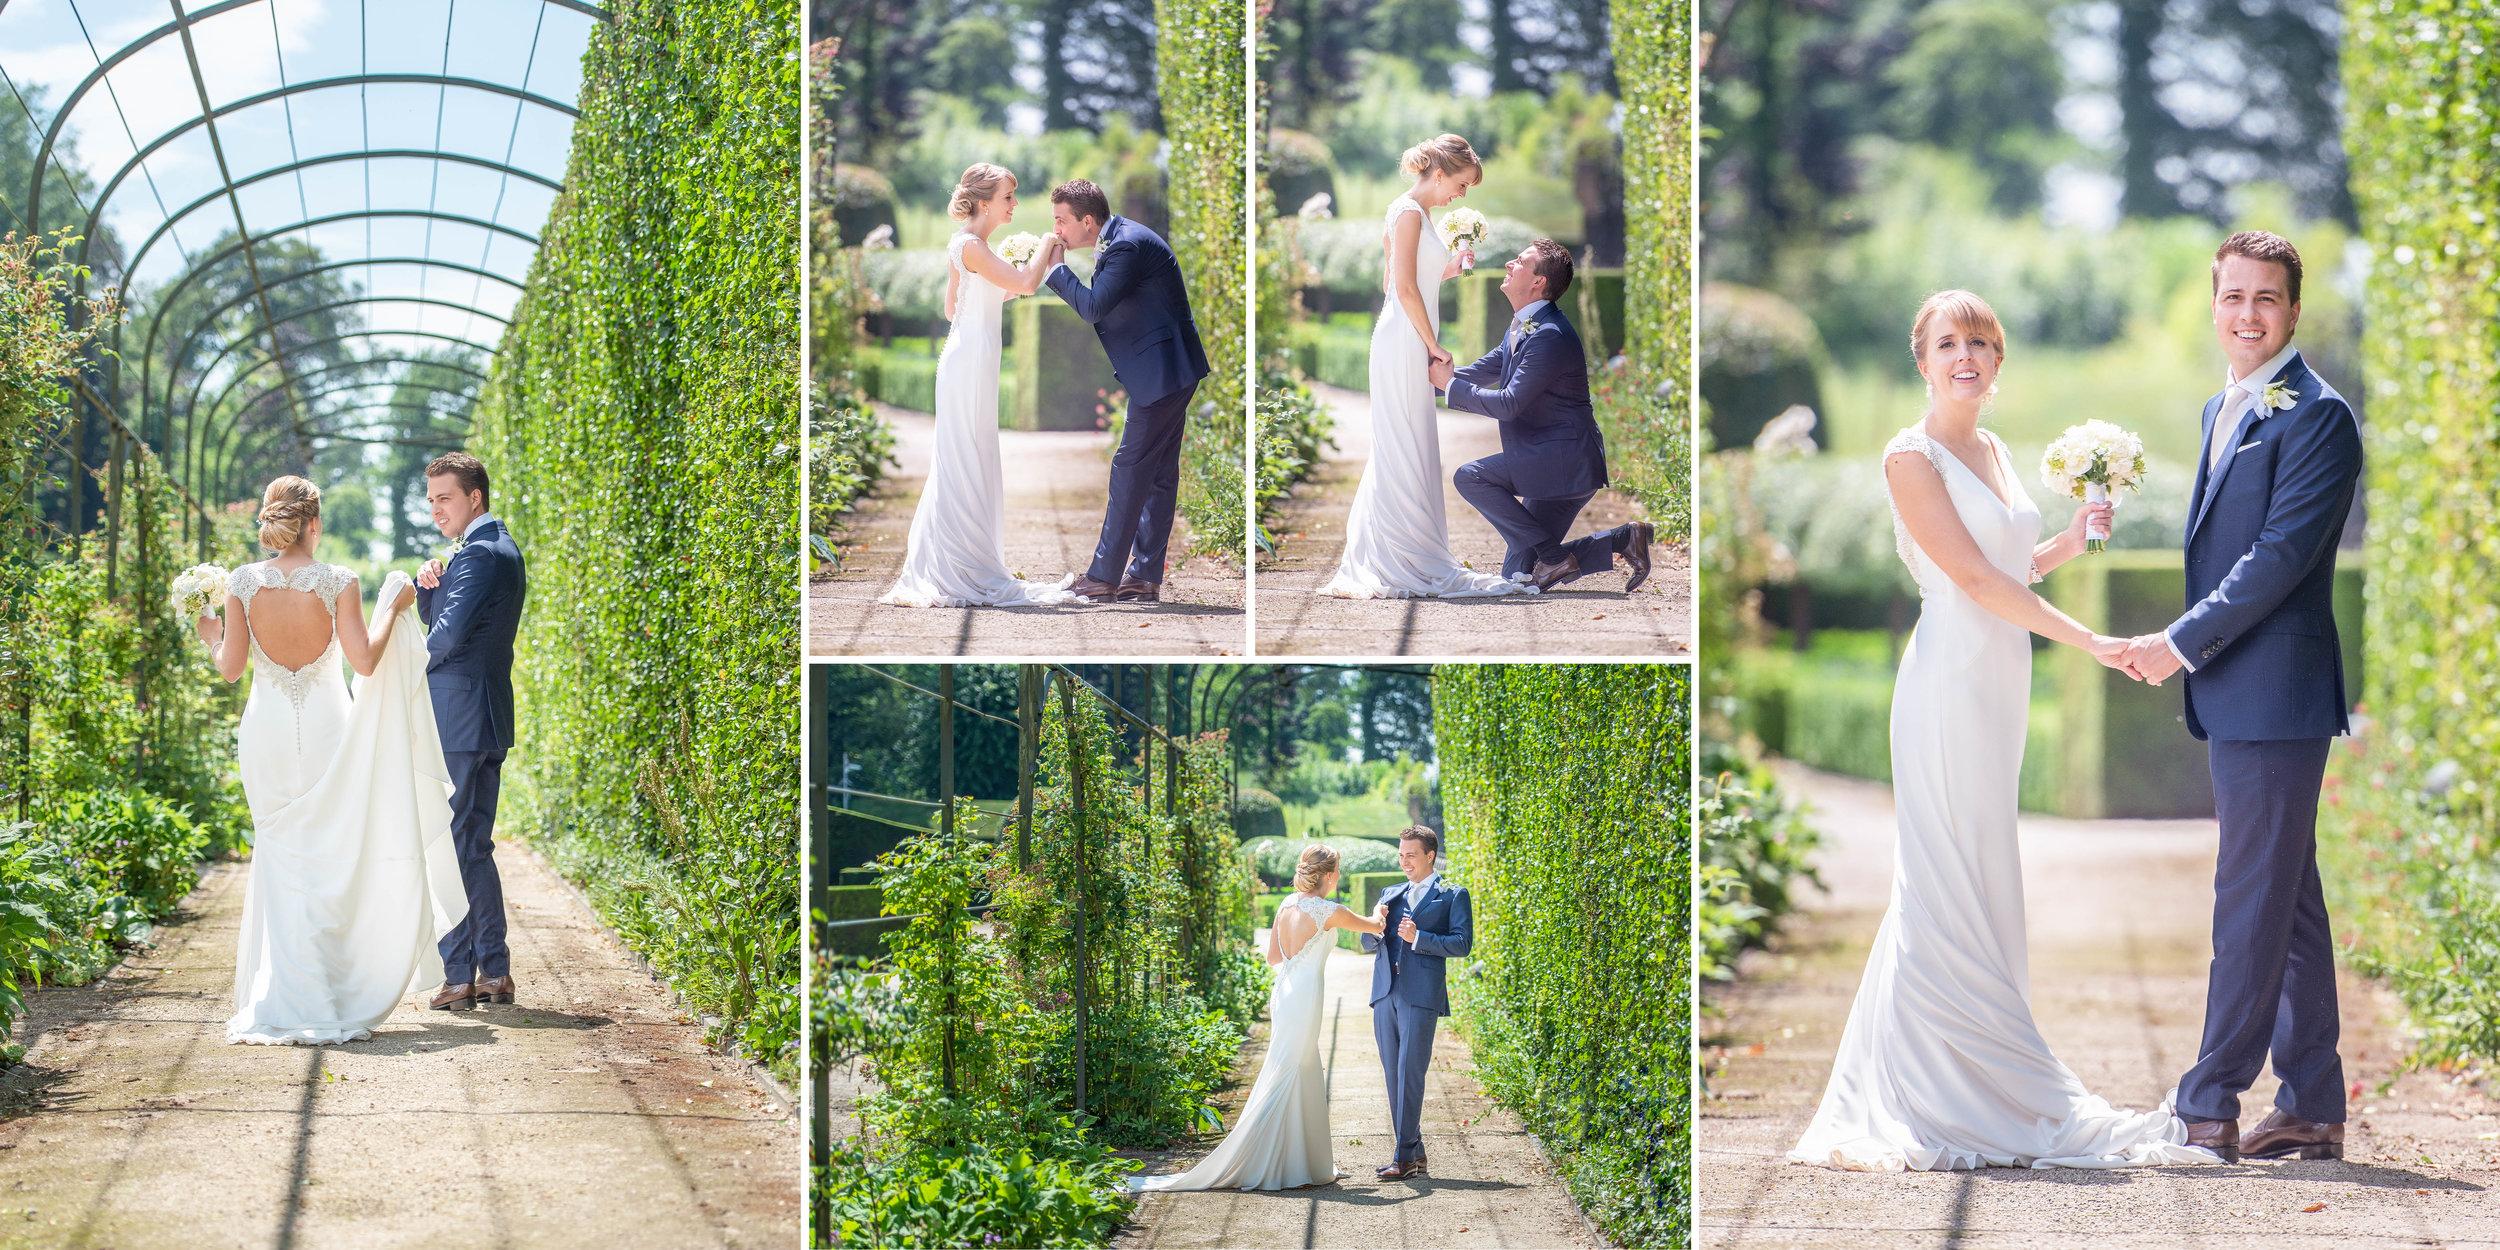 Huwelijksfotograaf Limburg Bilzen - Hof te Rhode, Schaffen - Diest